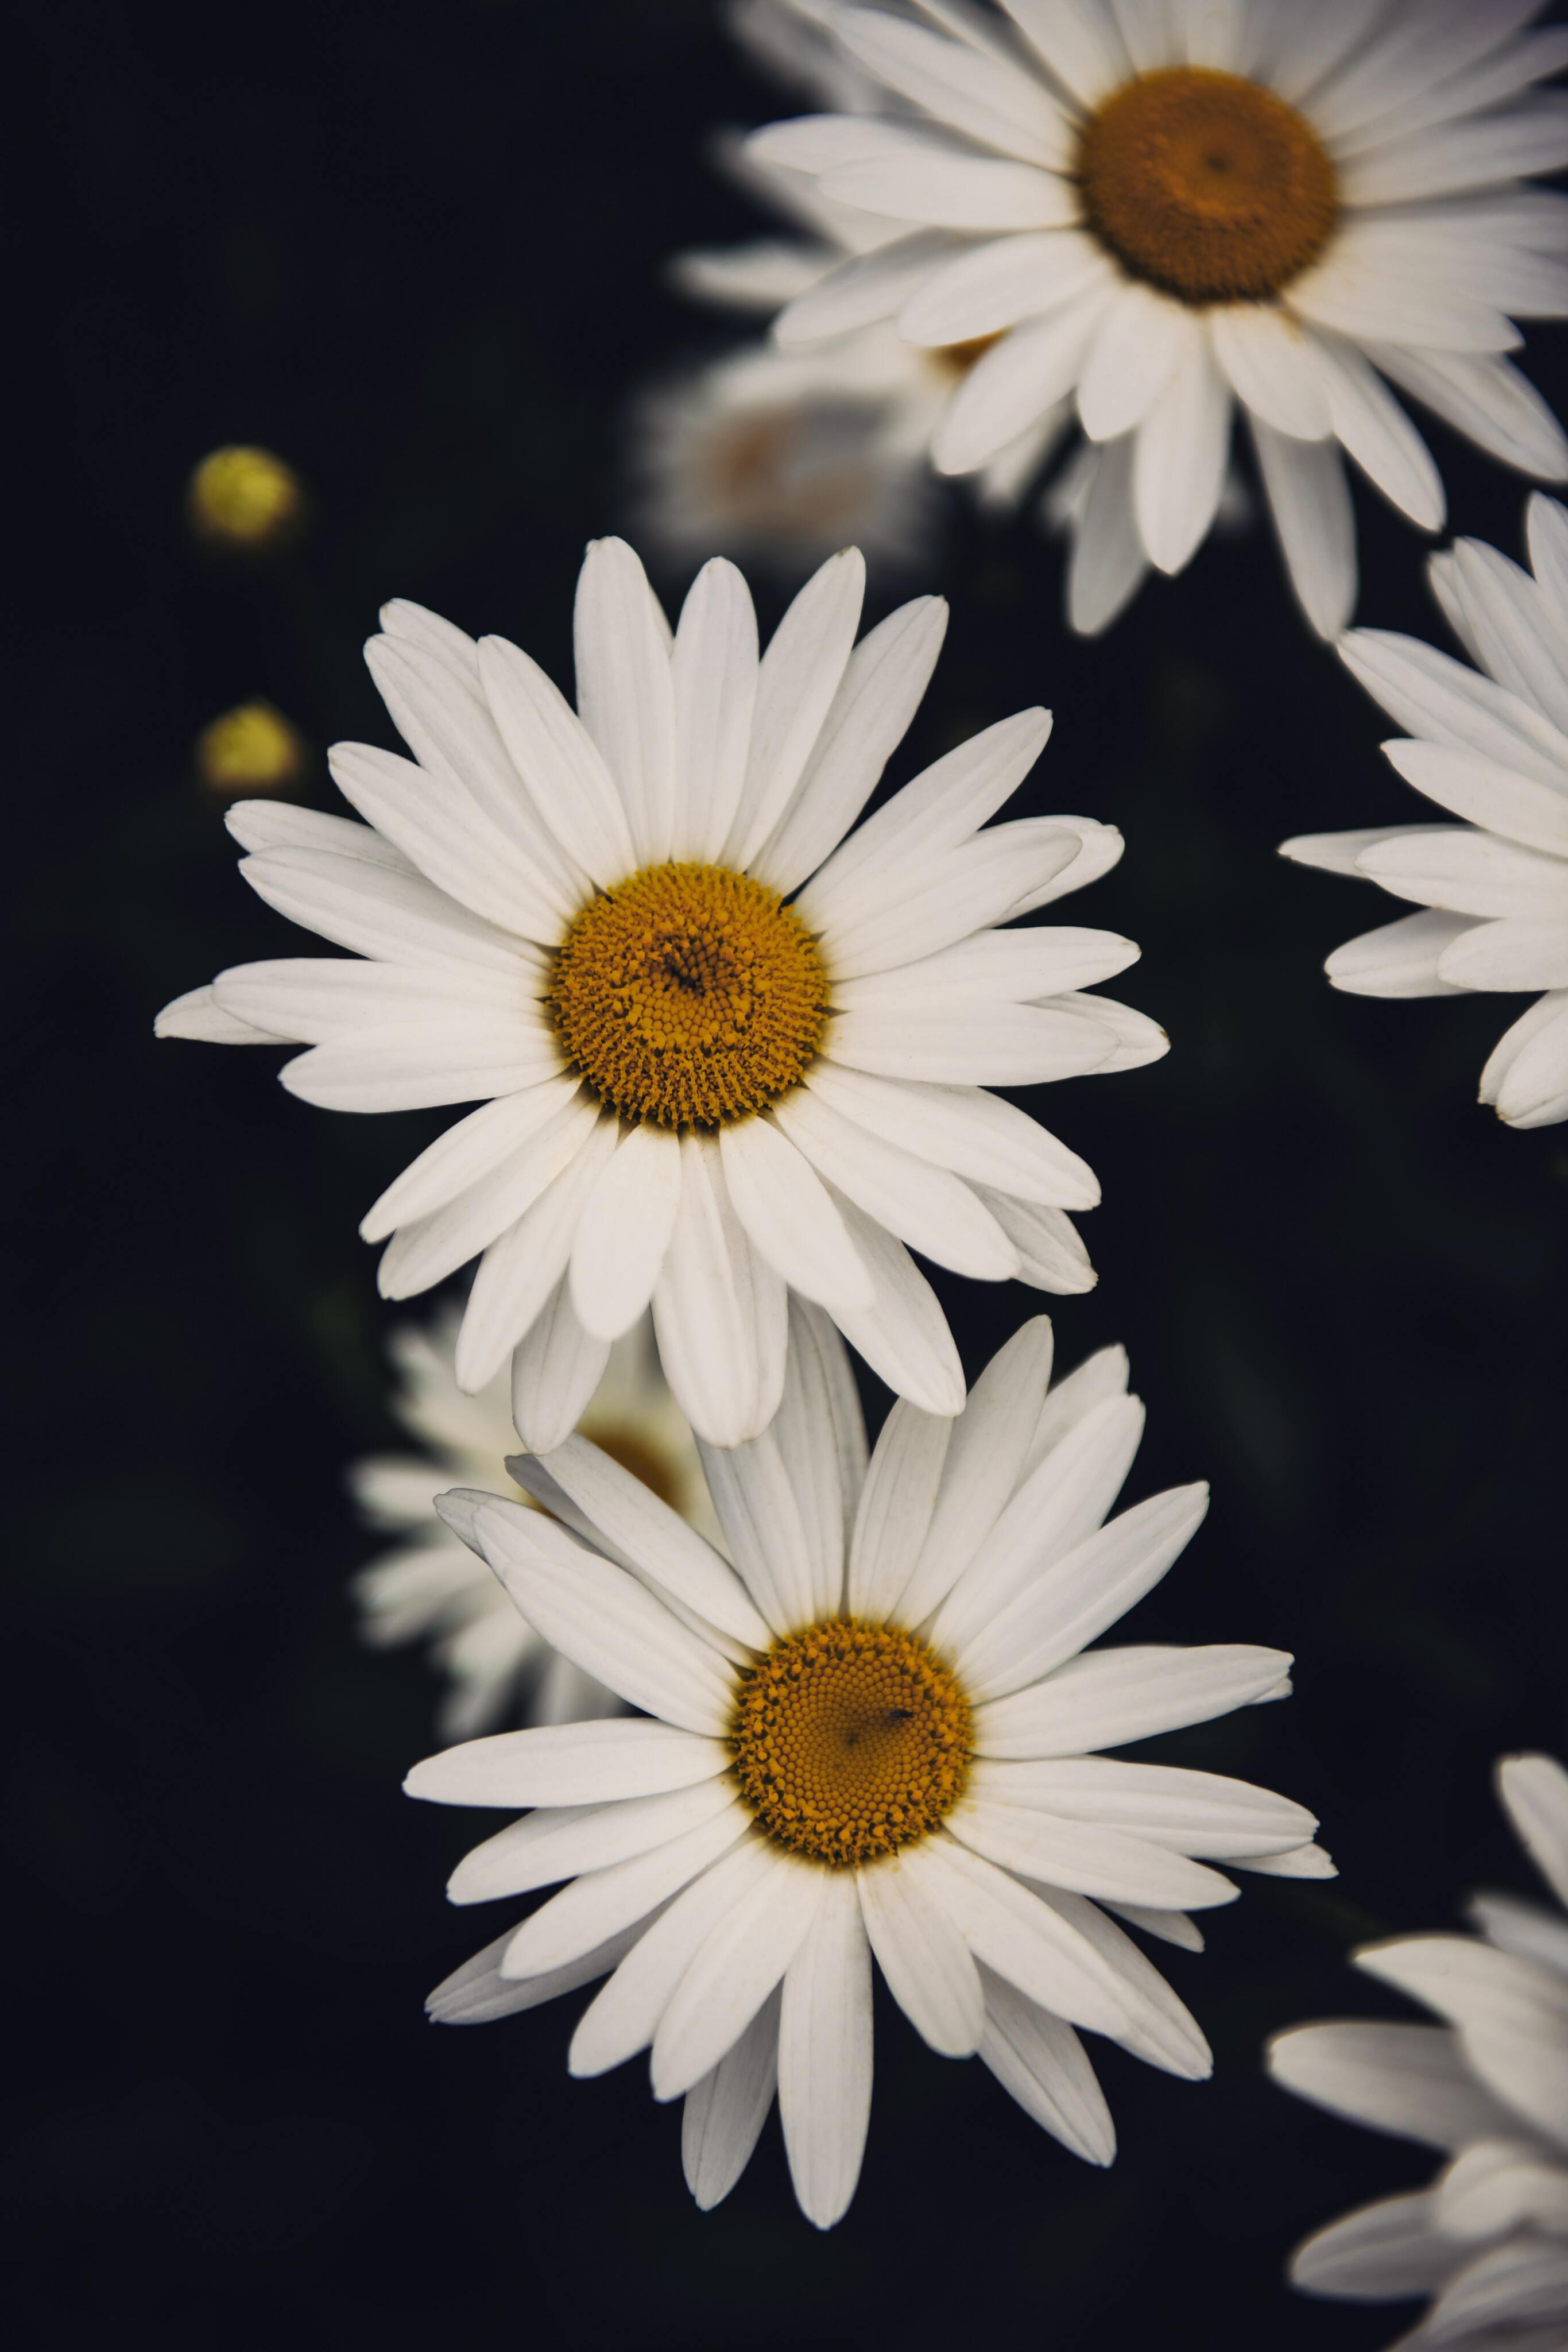 Hình ảnh hoa cúc dại buồn